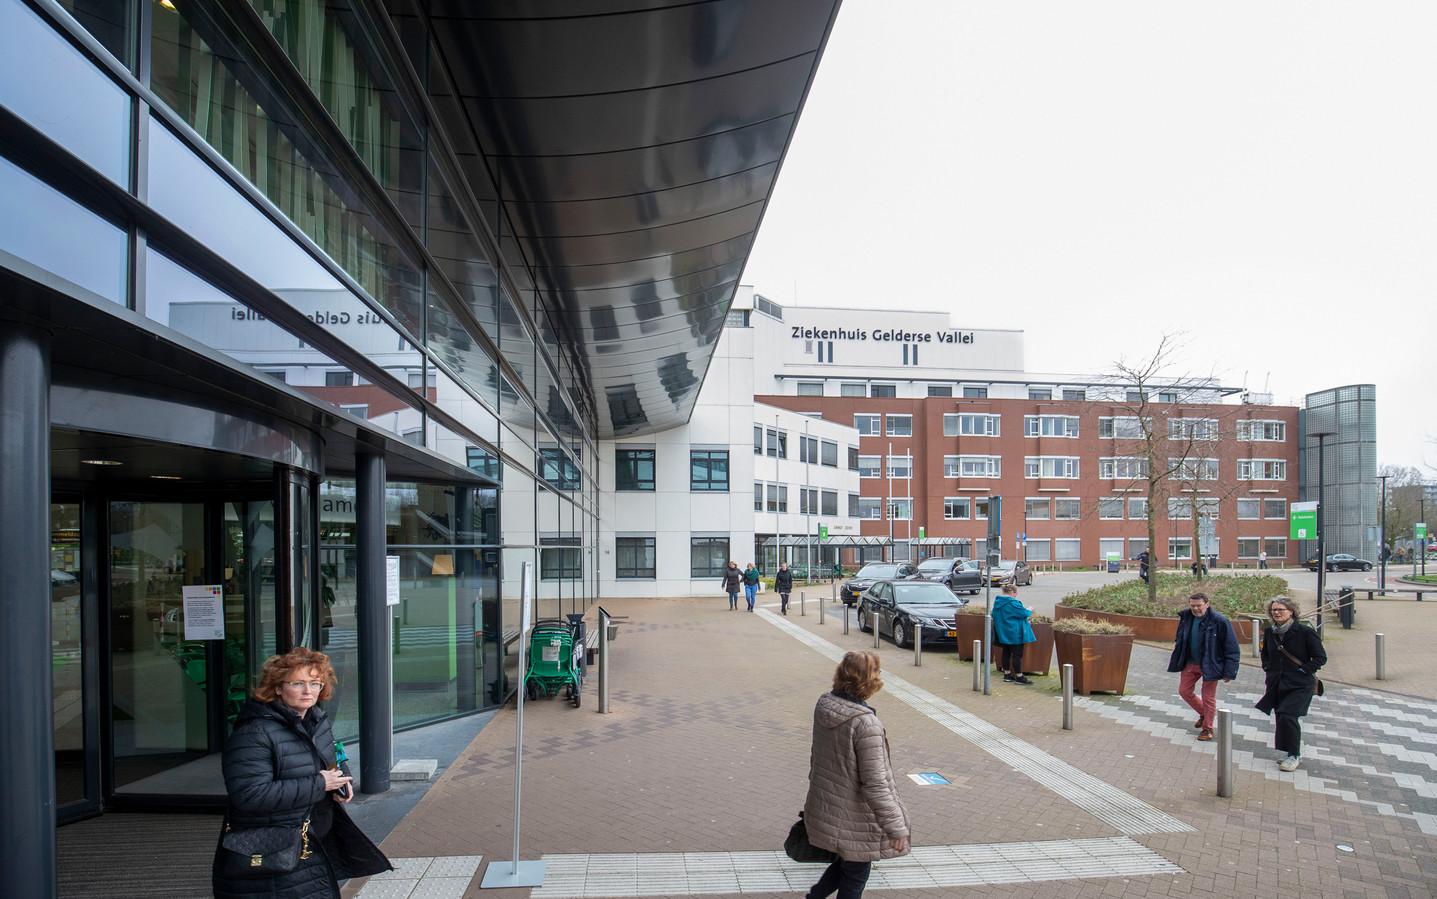 Entree Ziekenhuis Gelderse Vallei.